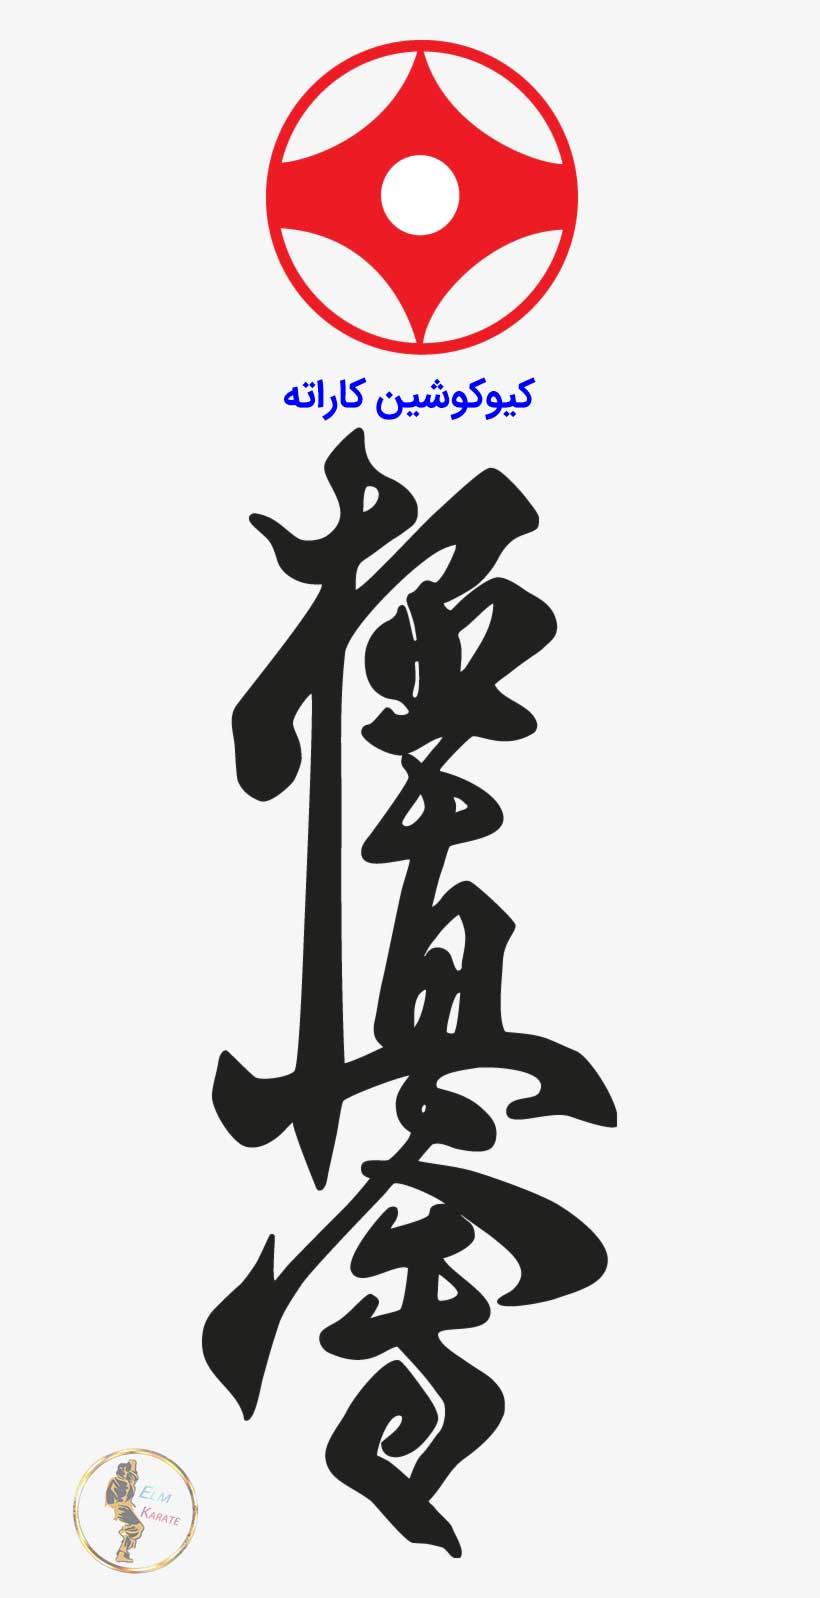 عکس کیوکوشین کاراته